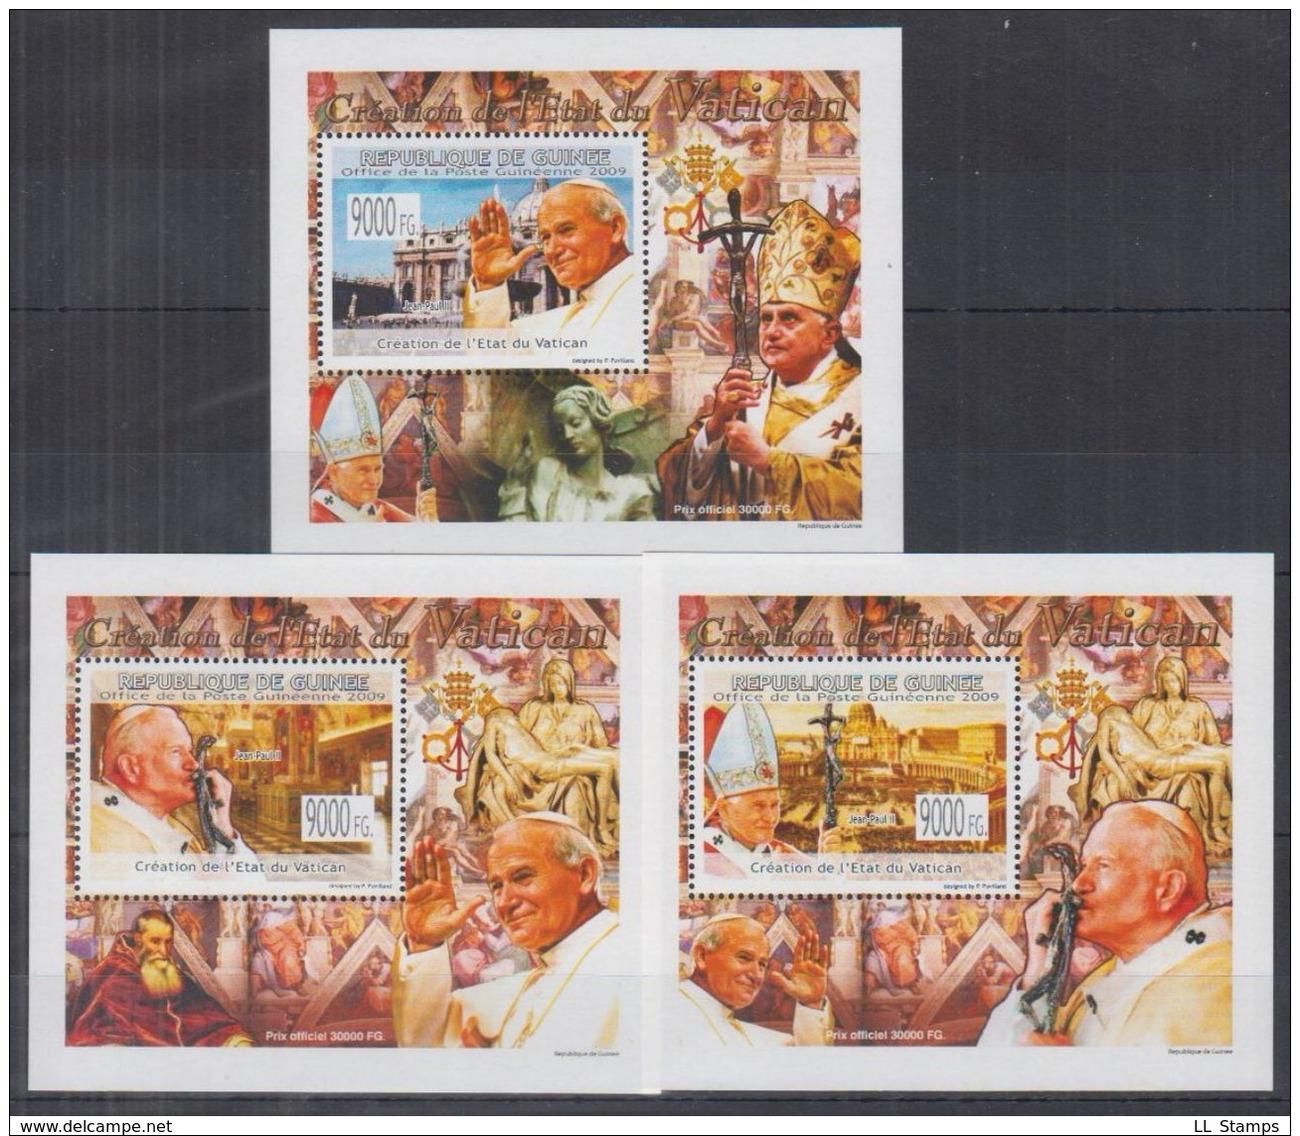 I12. Guinee - MNH - Famous People - Pope - Deluxe - Célébrités